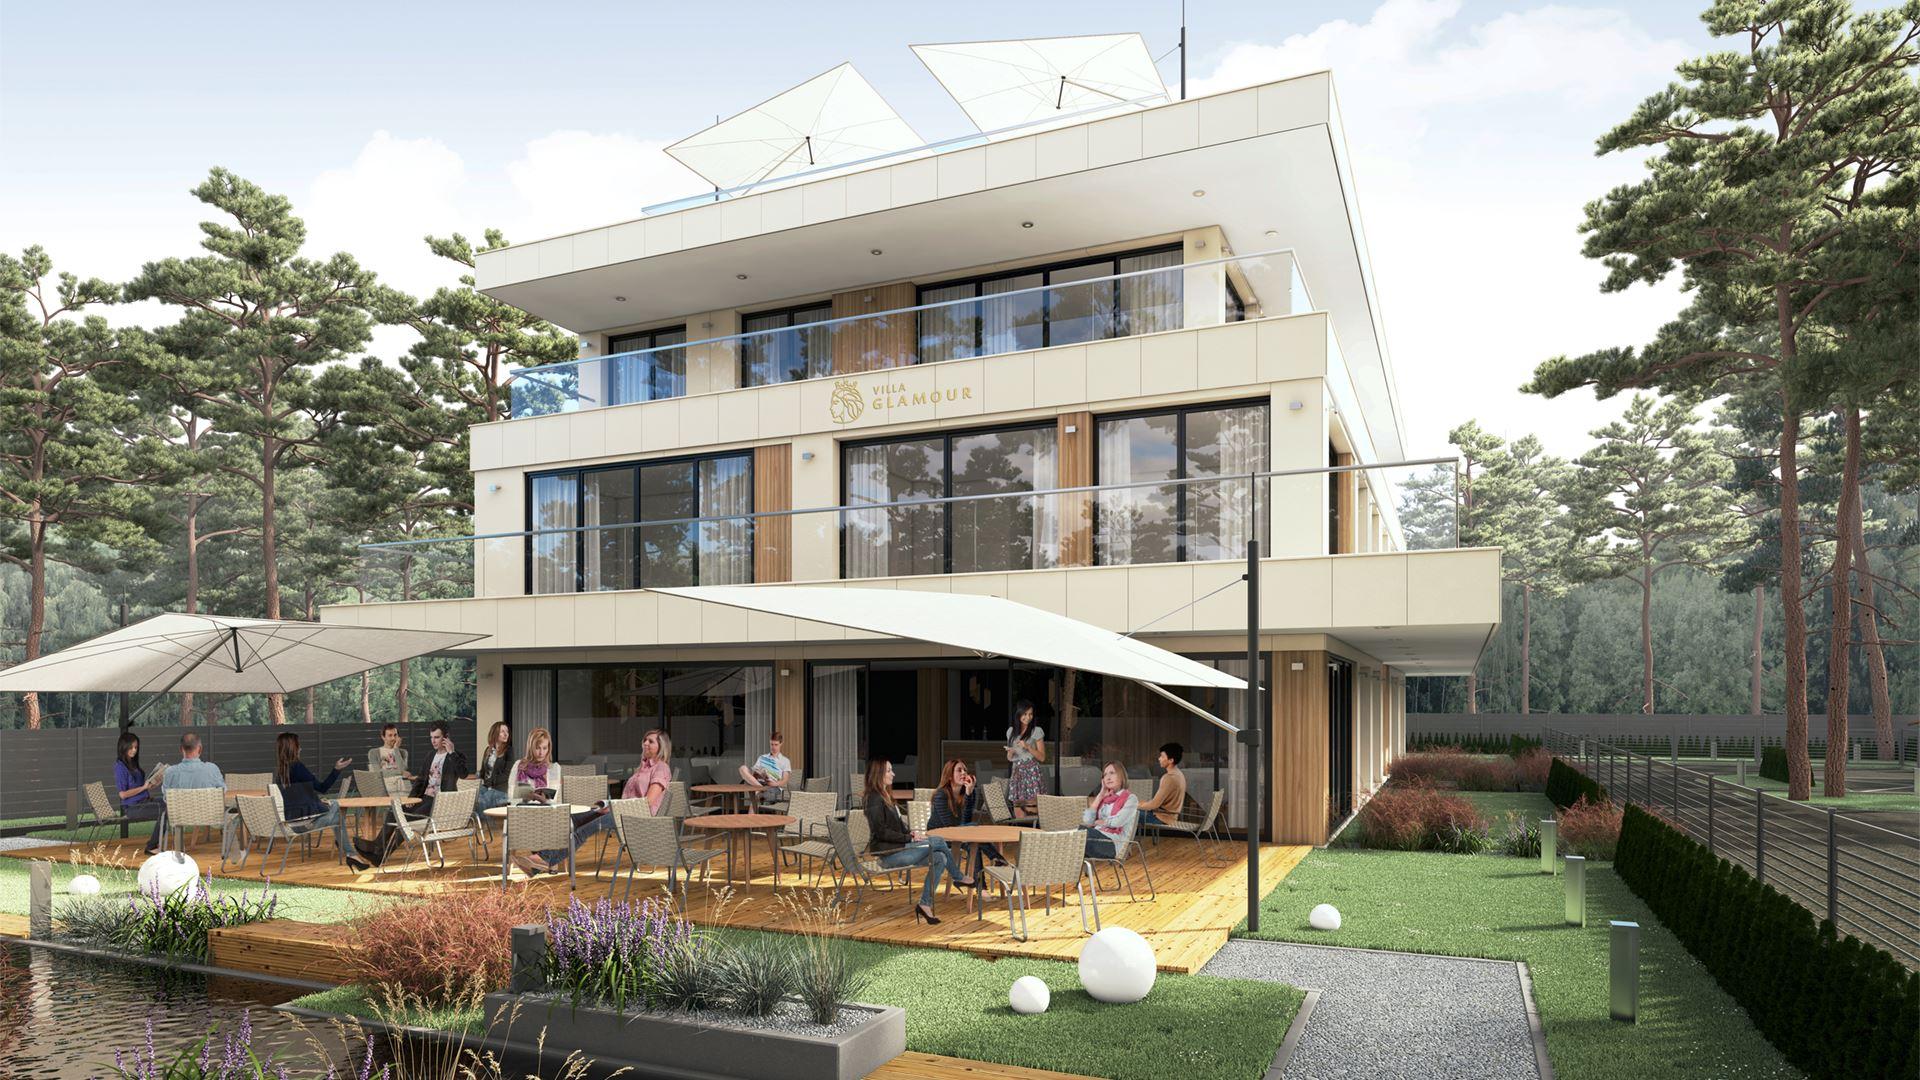 villa glamour apartamenty na sprzedaz (1)